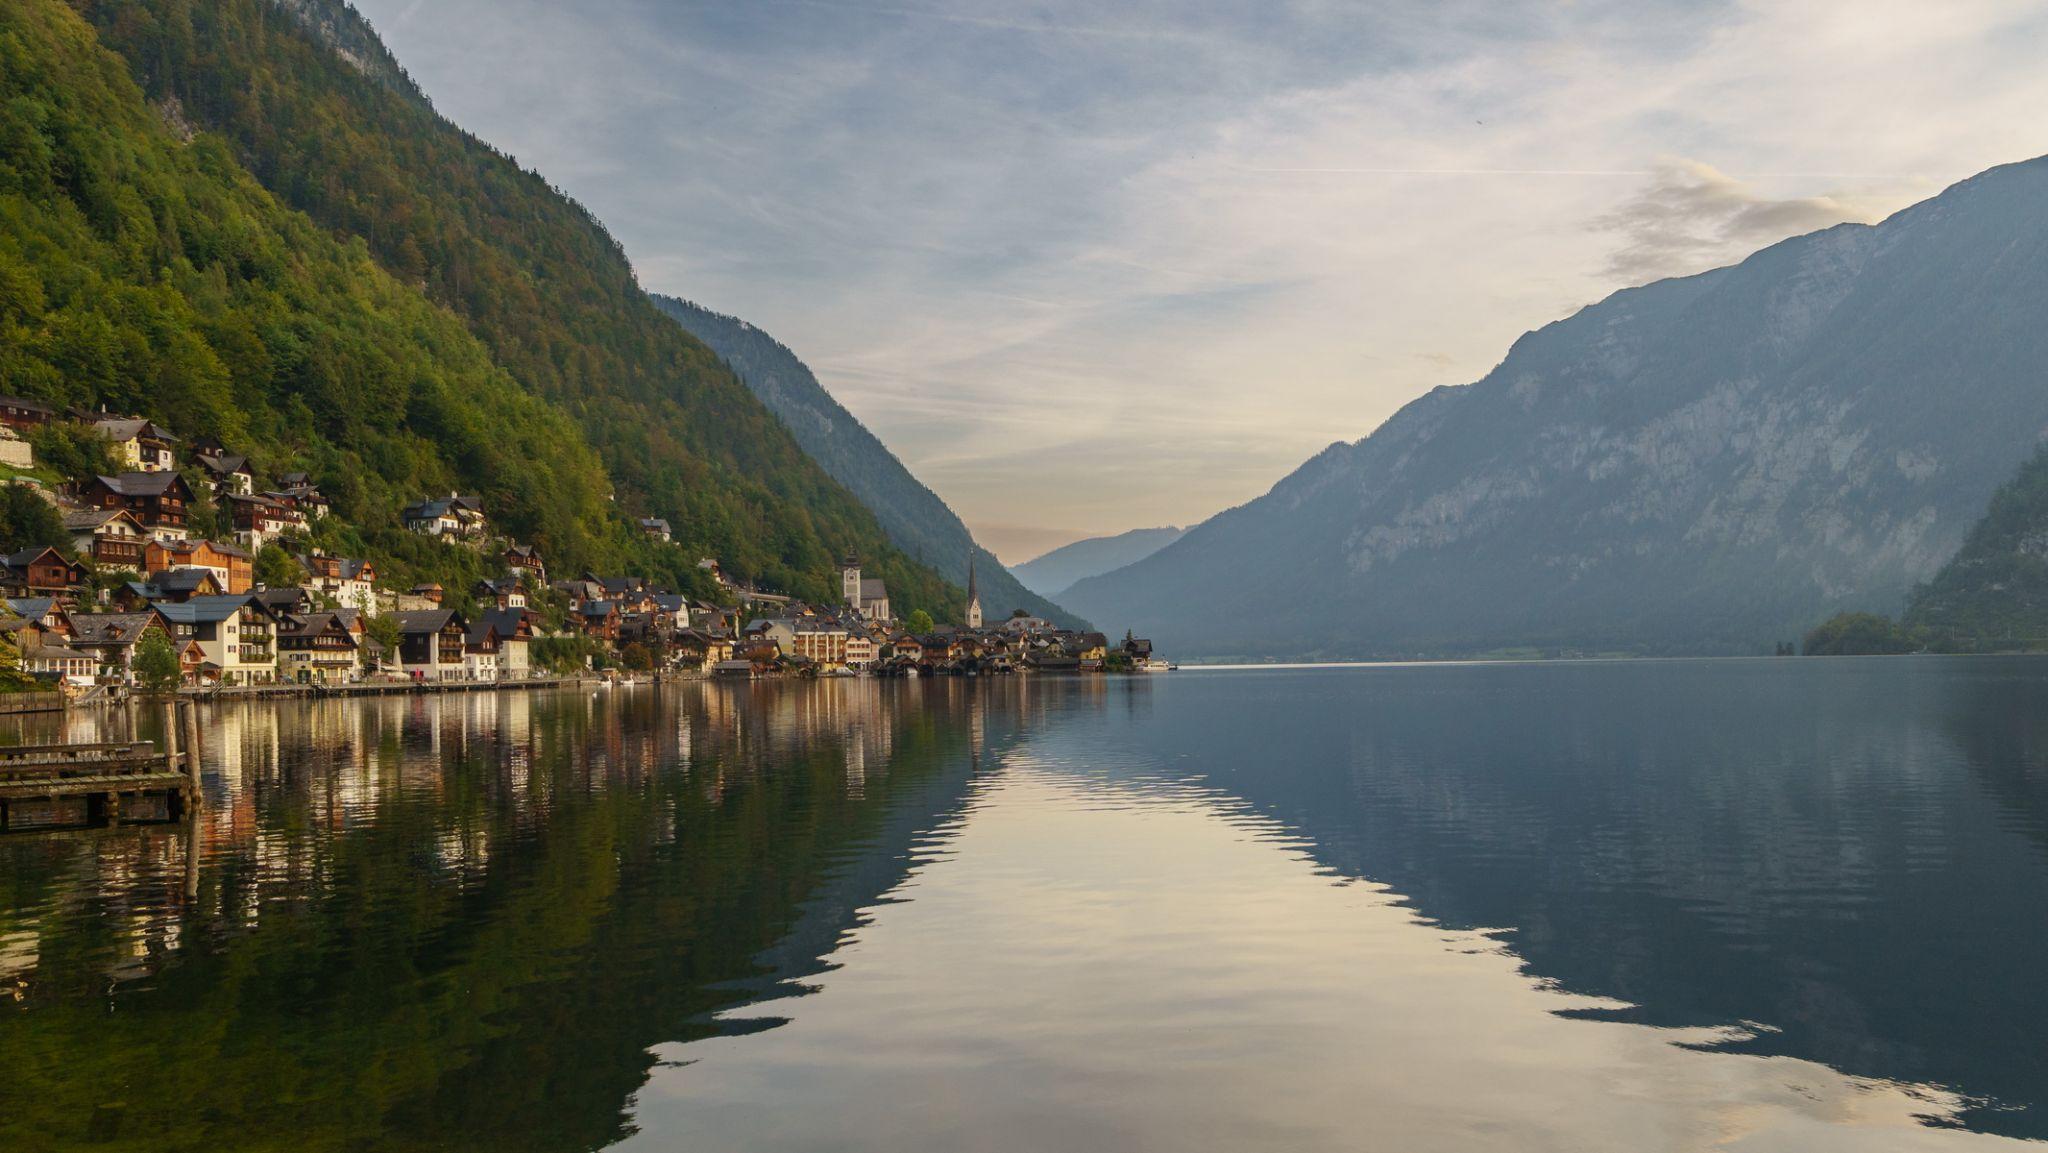 Down the lake view of Hallstatt, Austria